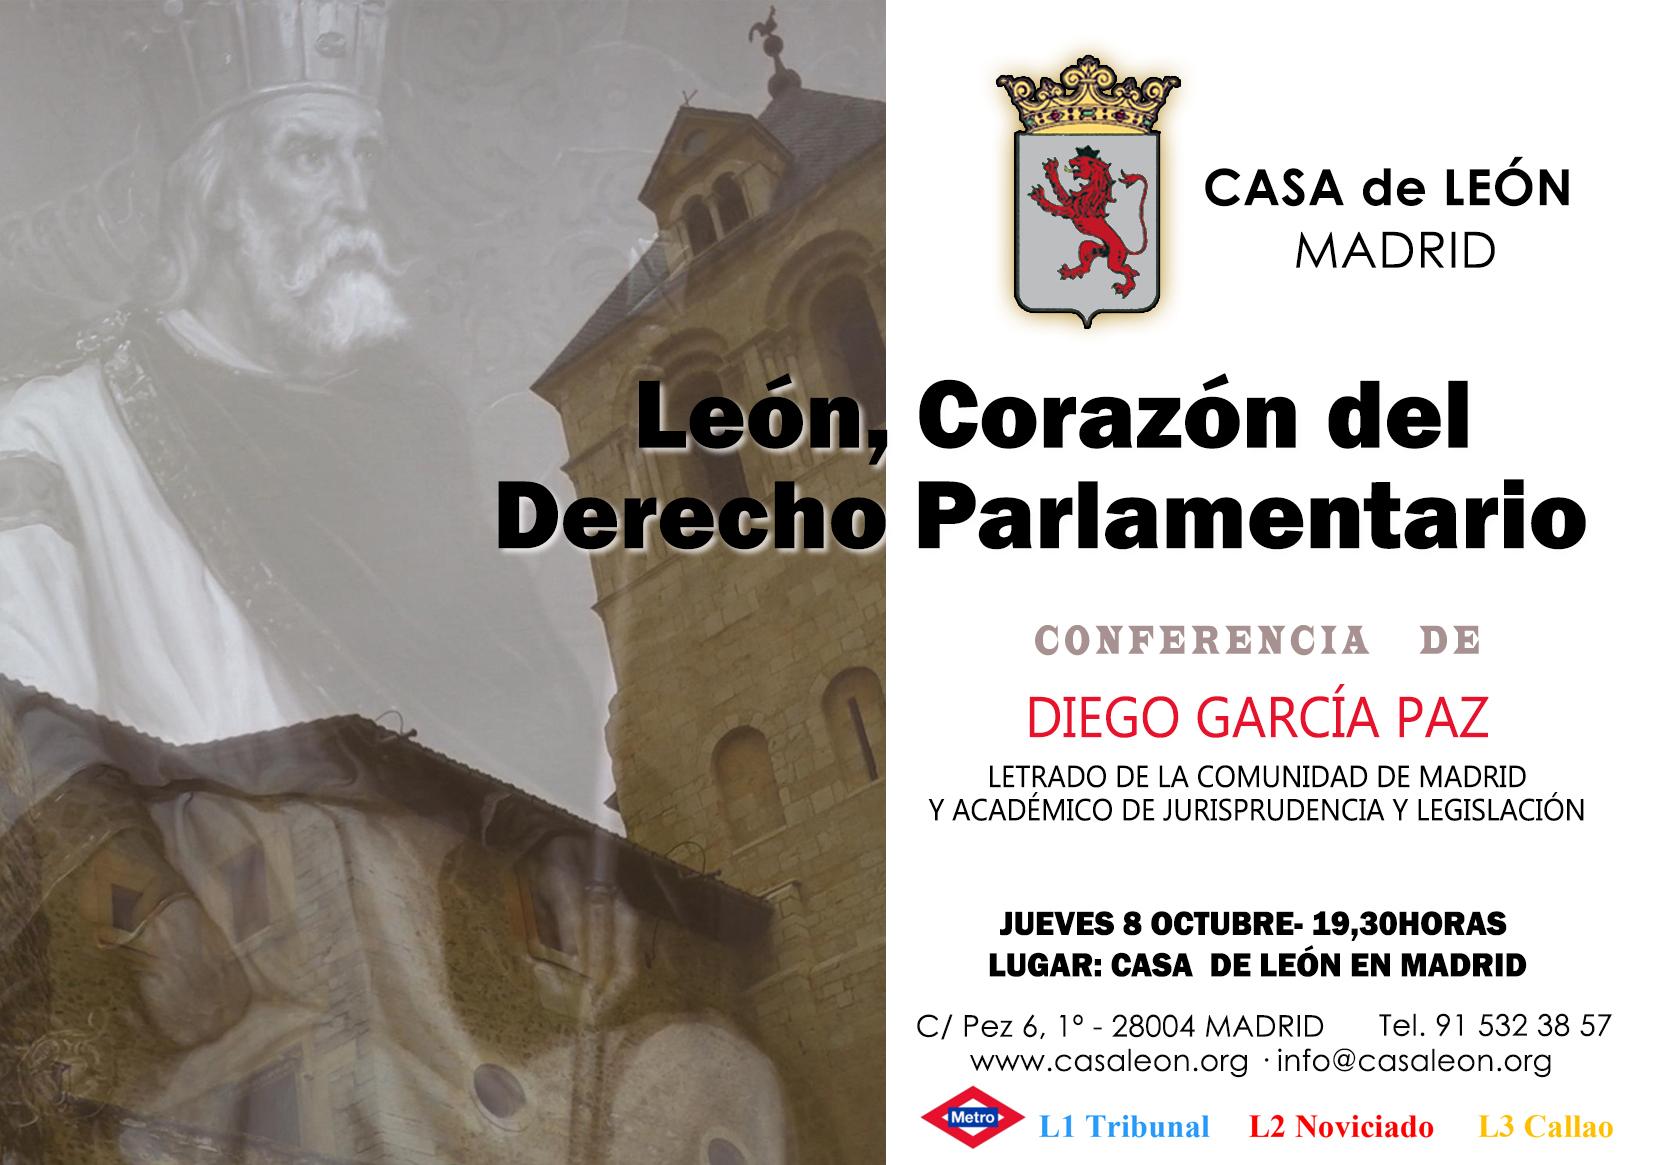 Leon, Corazón del Derecho Parlamentario